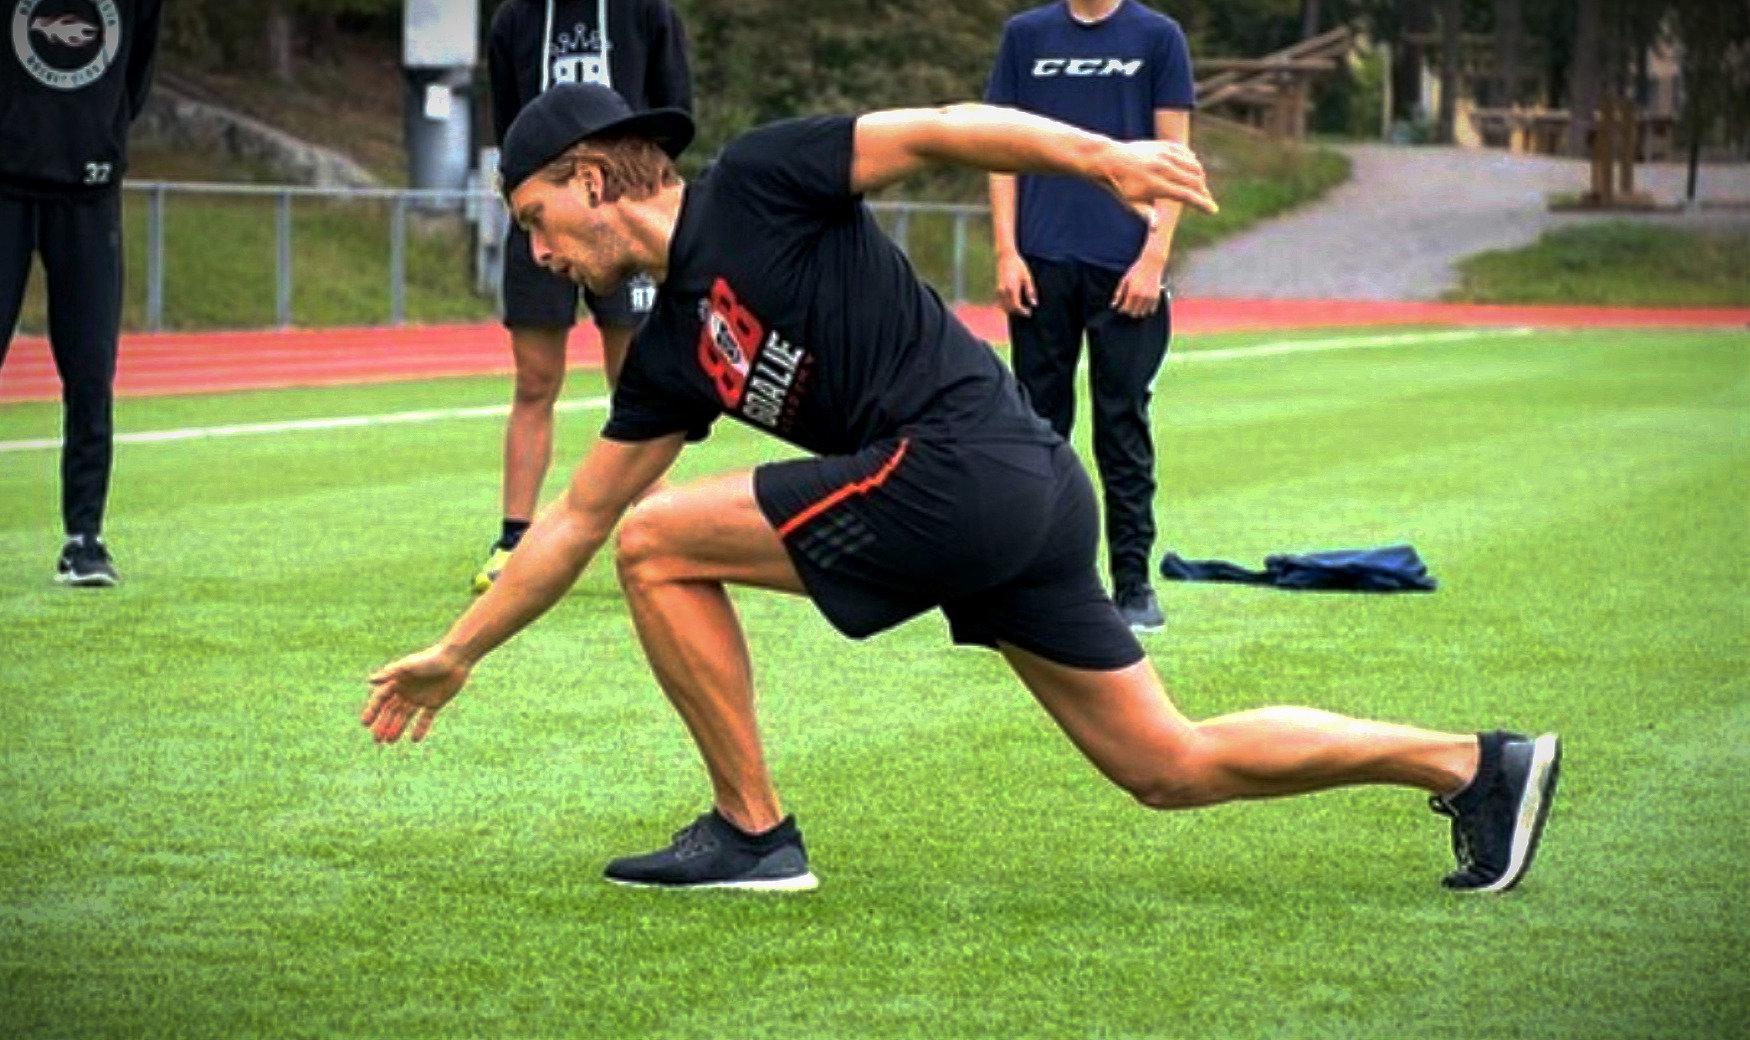 Personlig träning i liten grupp Solna